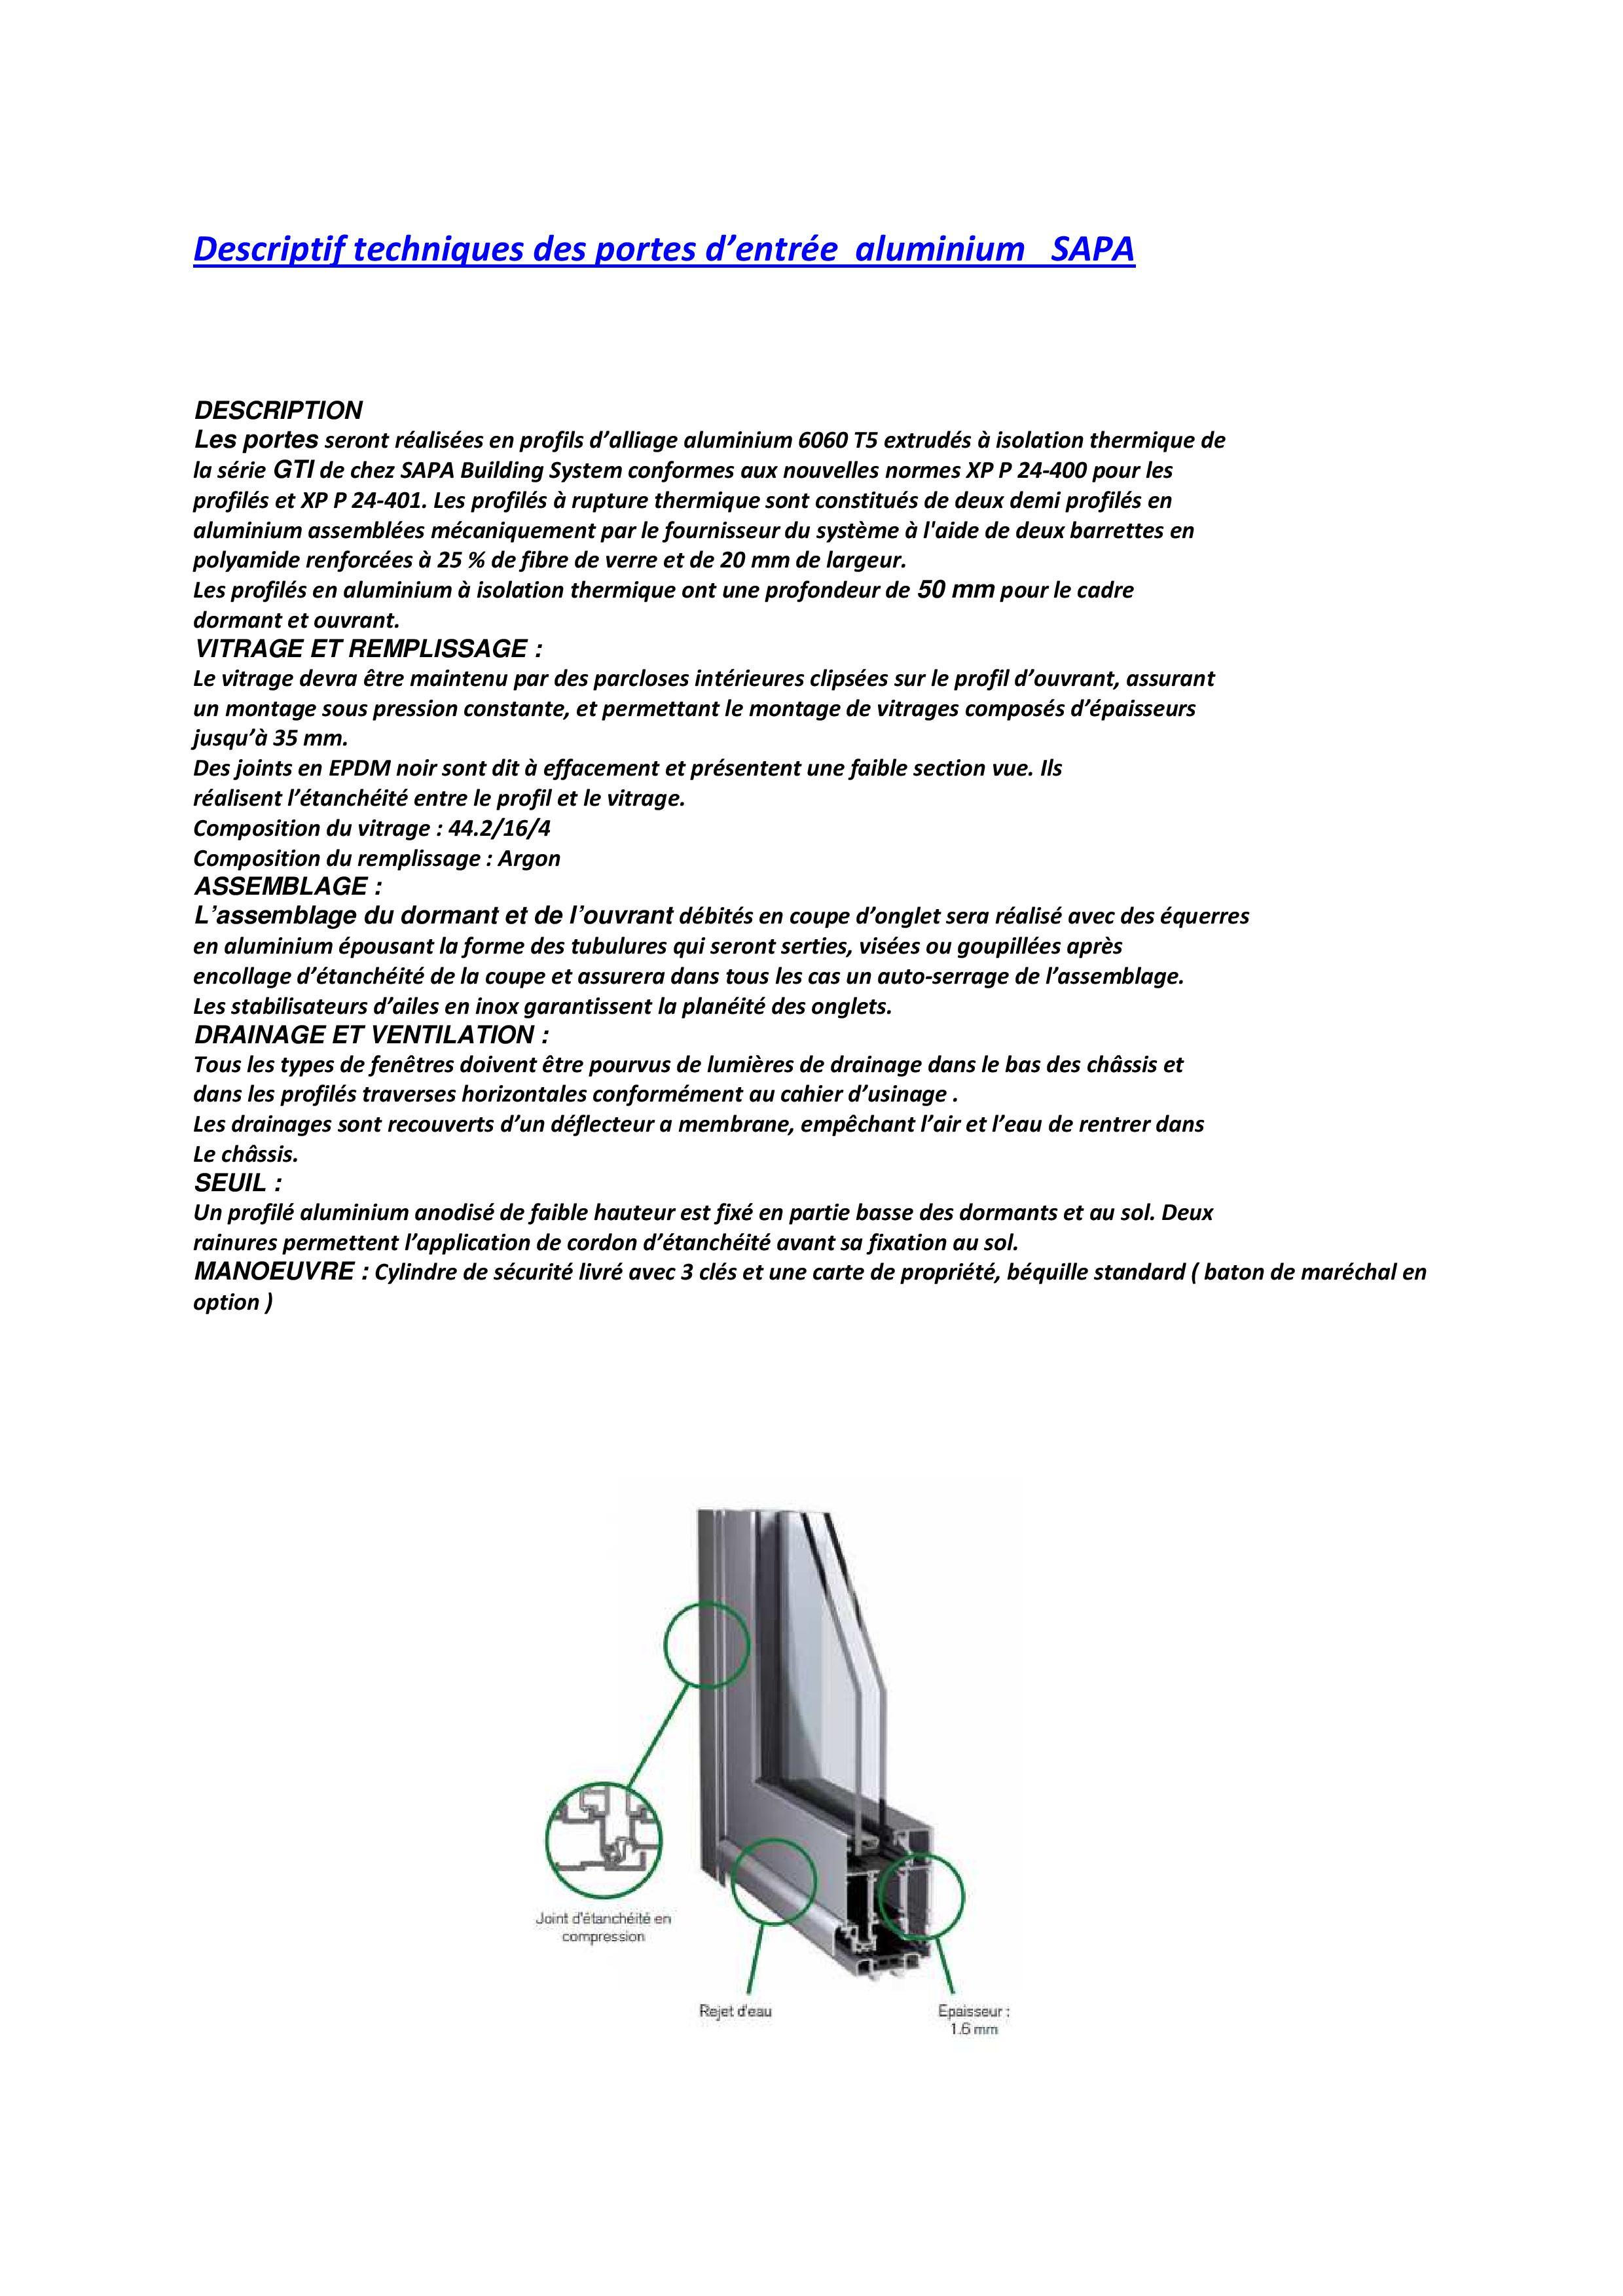 Descriptif techniques des portes d entrée aluminiu-page-001